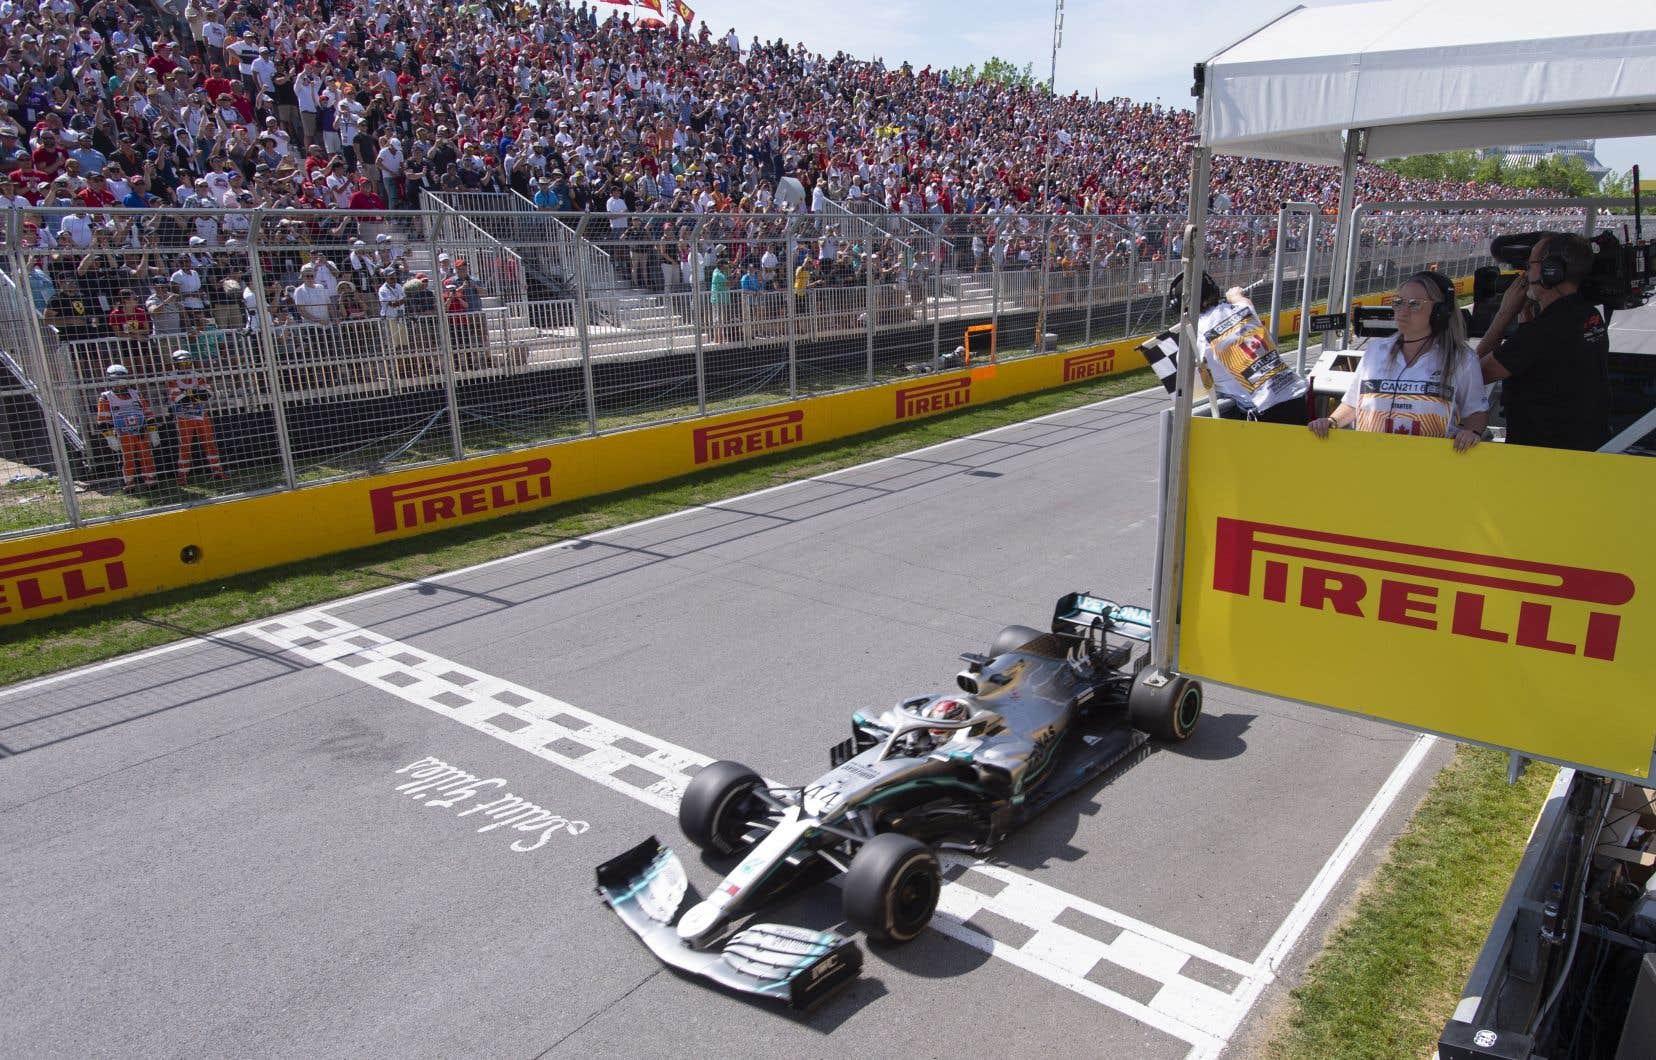 Le pilote Mercedes Lewis Hamiltona remporté le Grand Prix du Canada l'an dernier à Montréal.